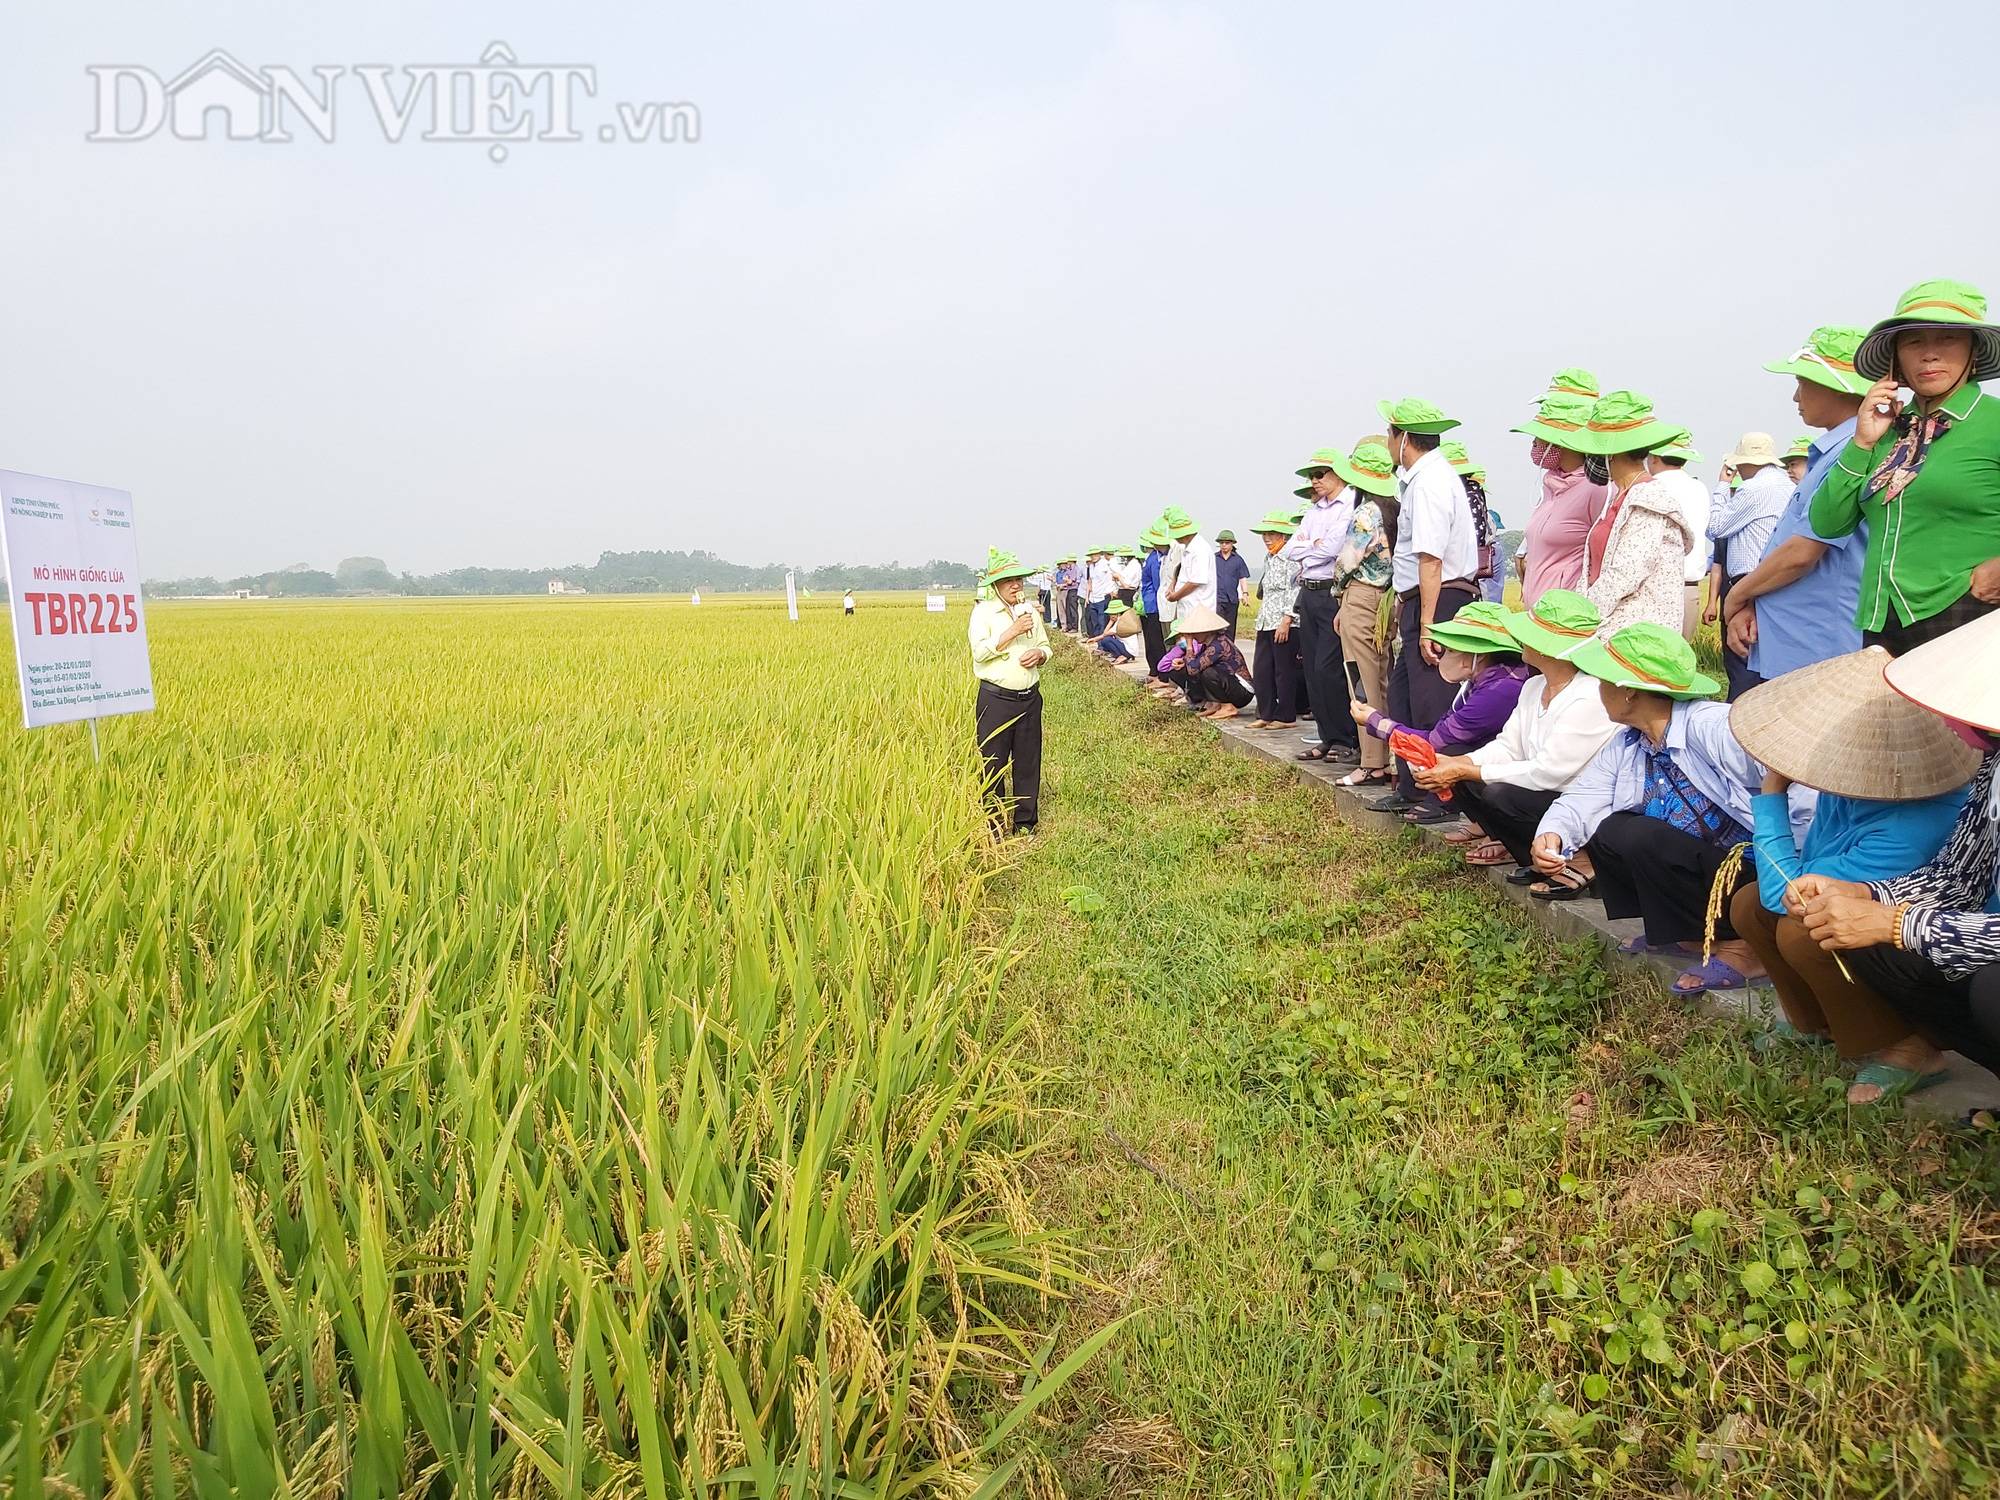 Gặp thời tiết bất thuận, lúa TBR225 vẫn cho mùa bội thu tại Vĩnh Phúc - Ảnh 3.